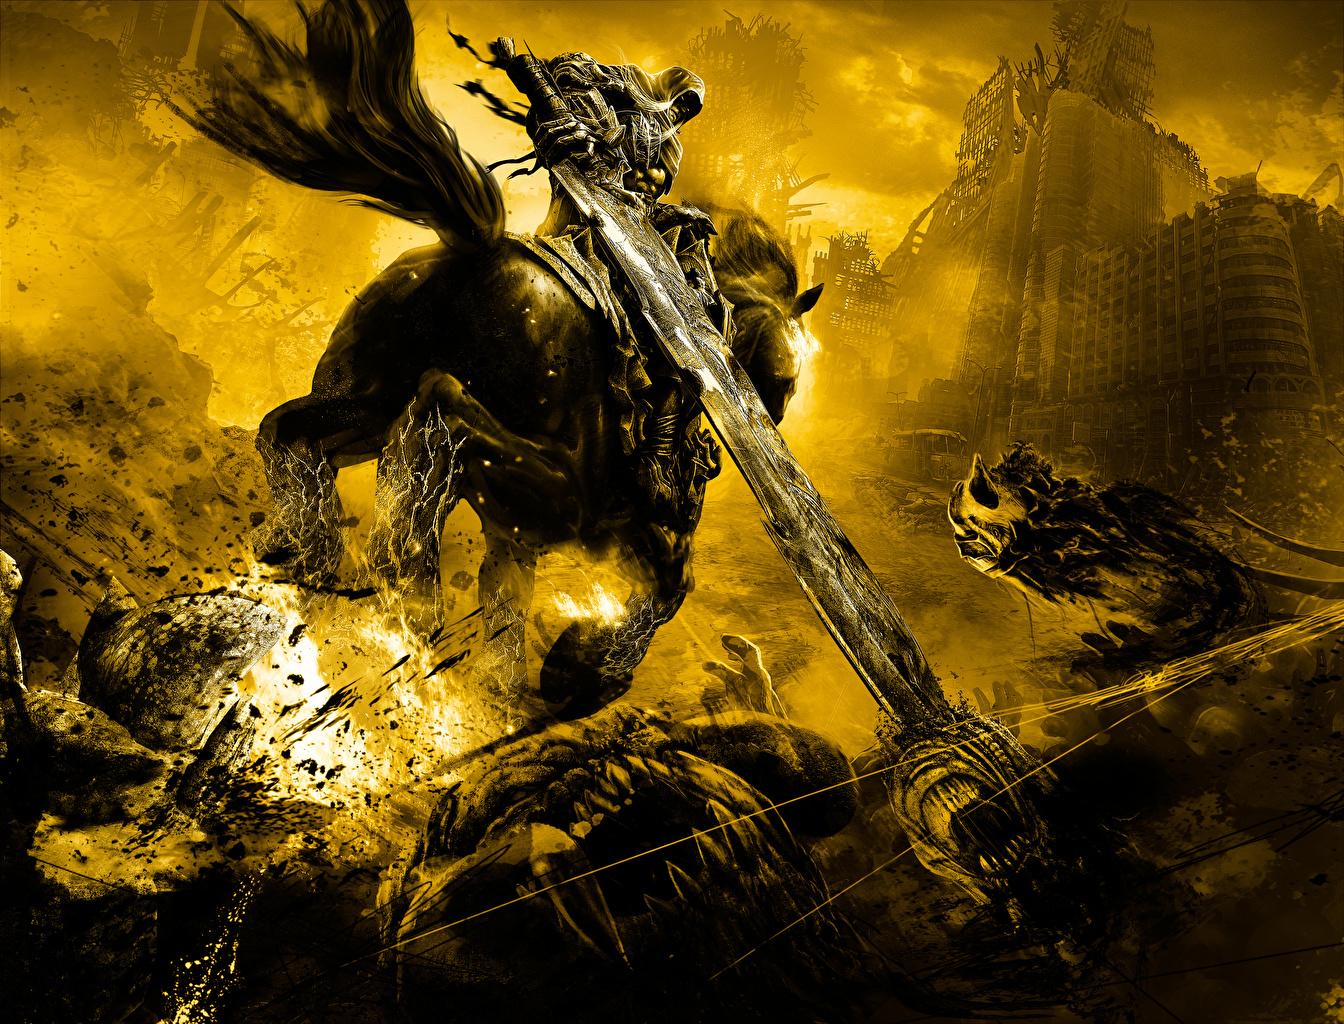 Картинки Darksiders Мечи Лошади Нежить Бег Фантастика Игры Нечисть Фэнтези